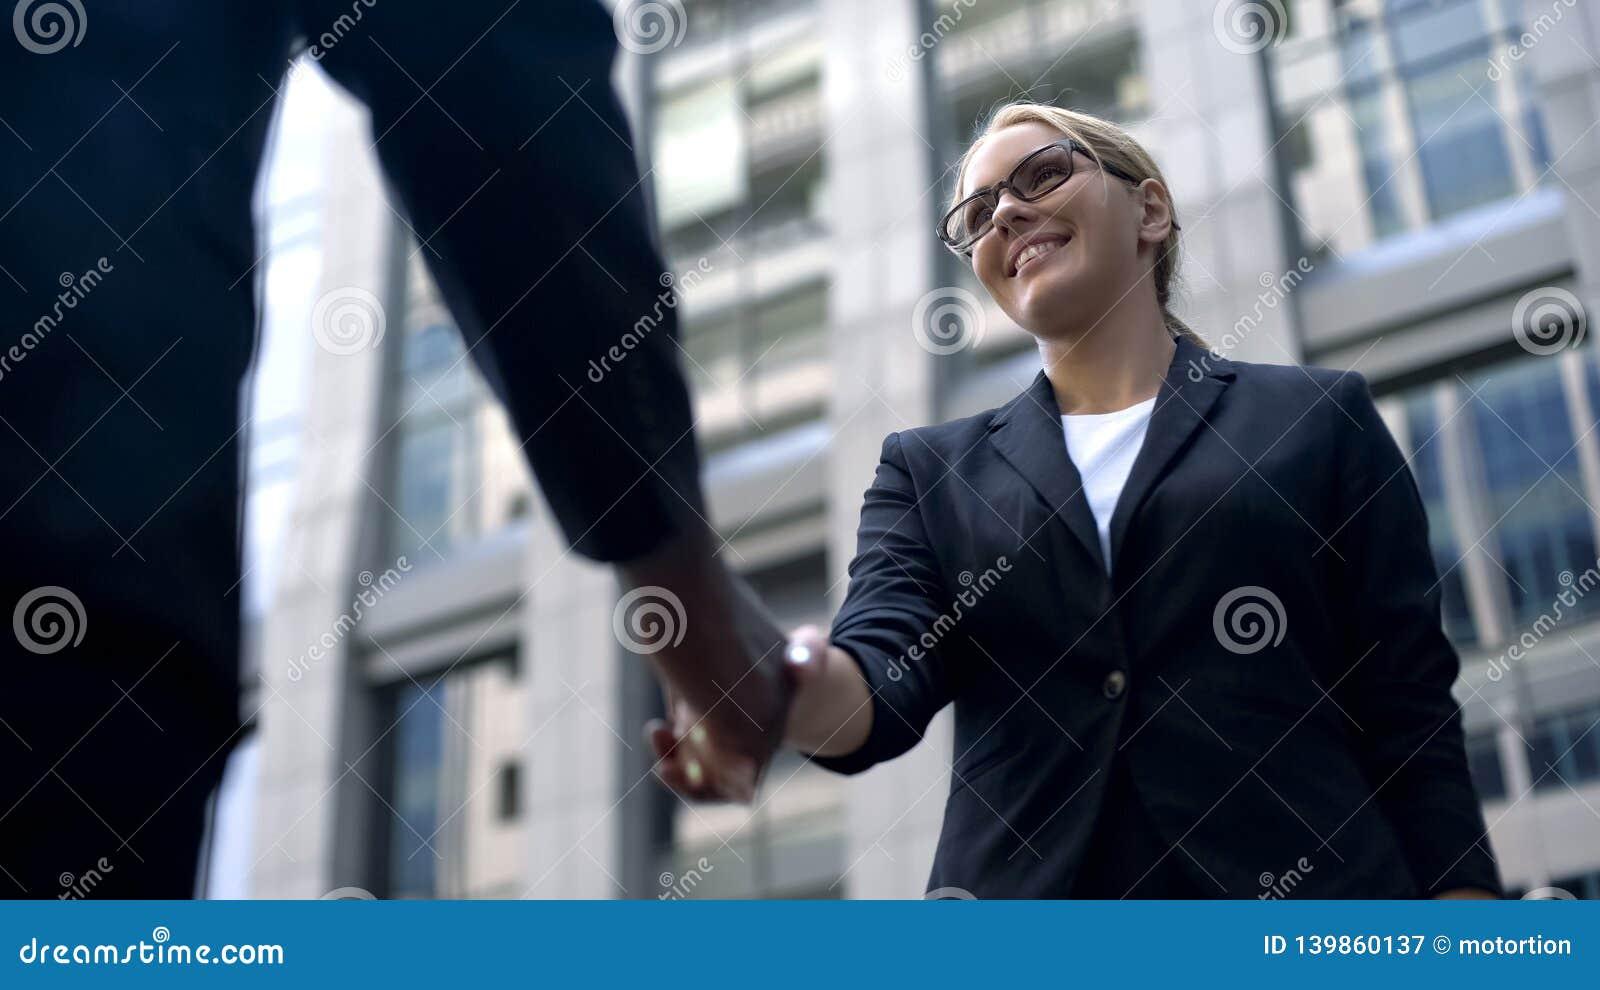 Νέο χέρι τινάγματος γυναικών με τον προϊστάμενο, συγχαρητήρια στη μίσθωση ή την προώθηση